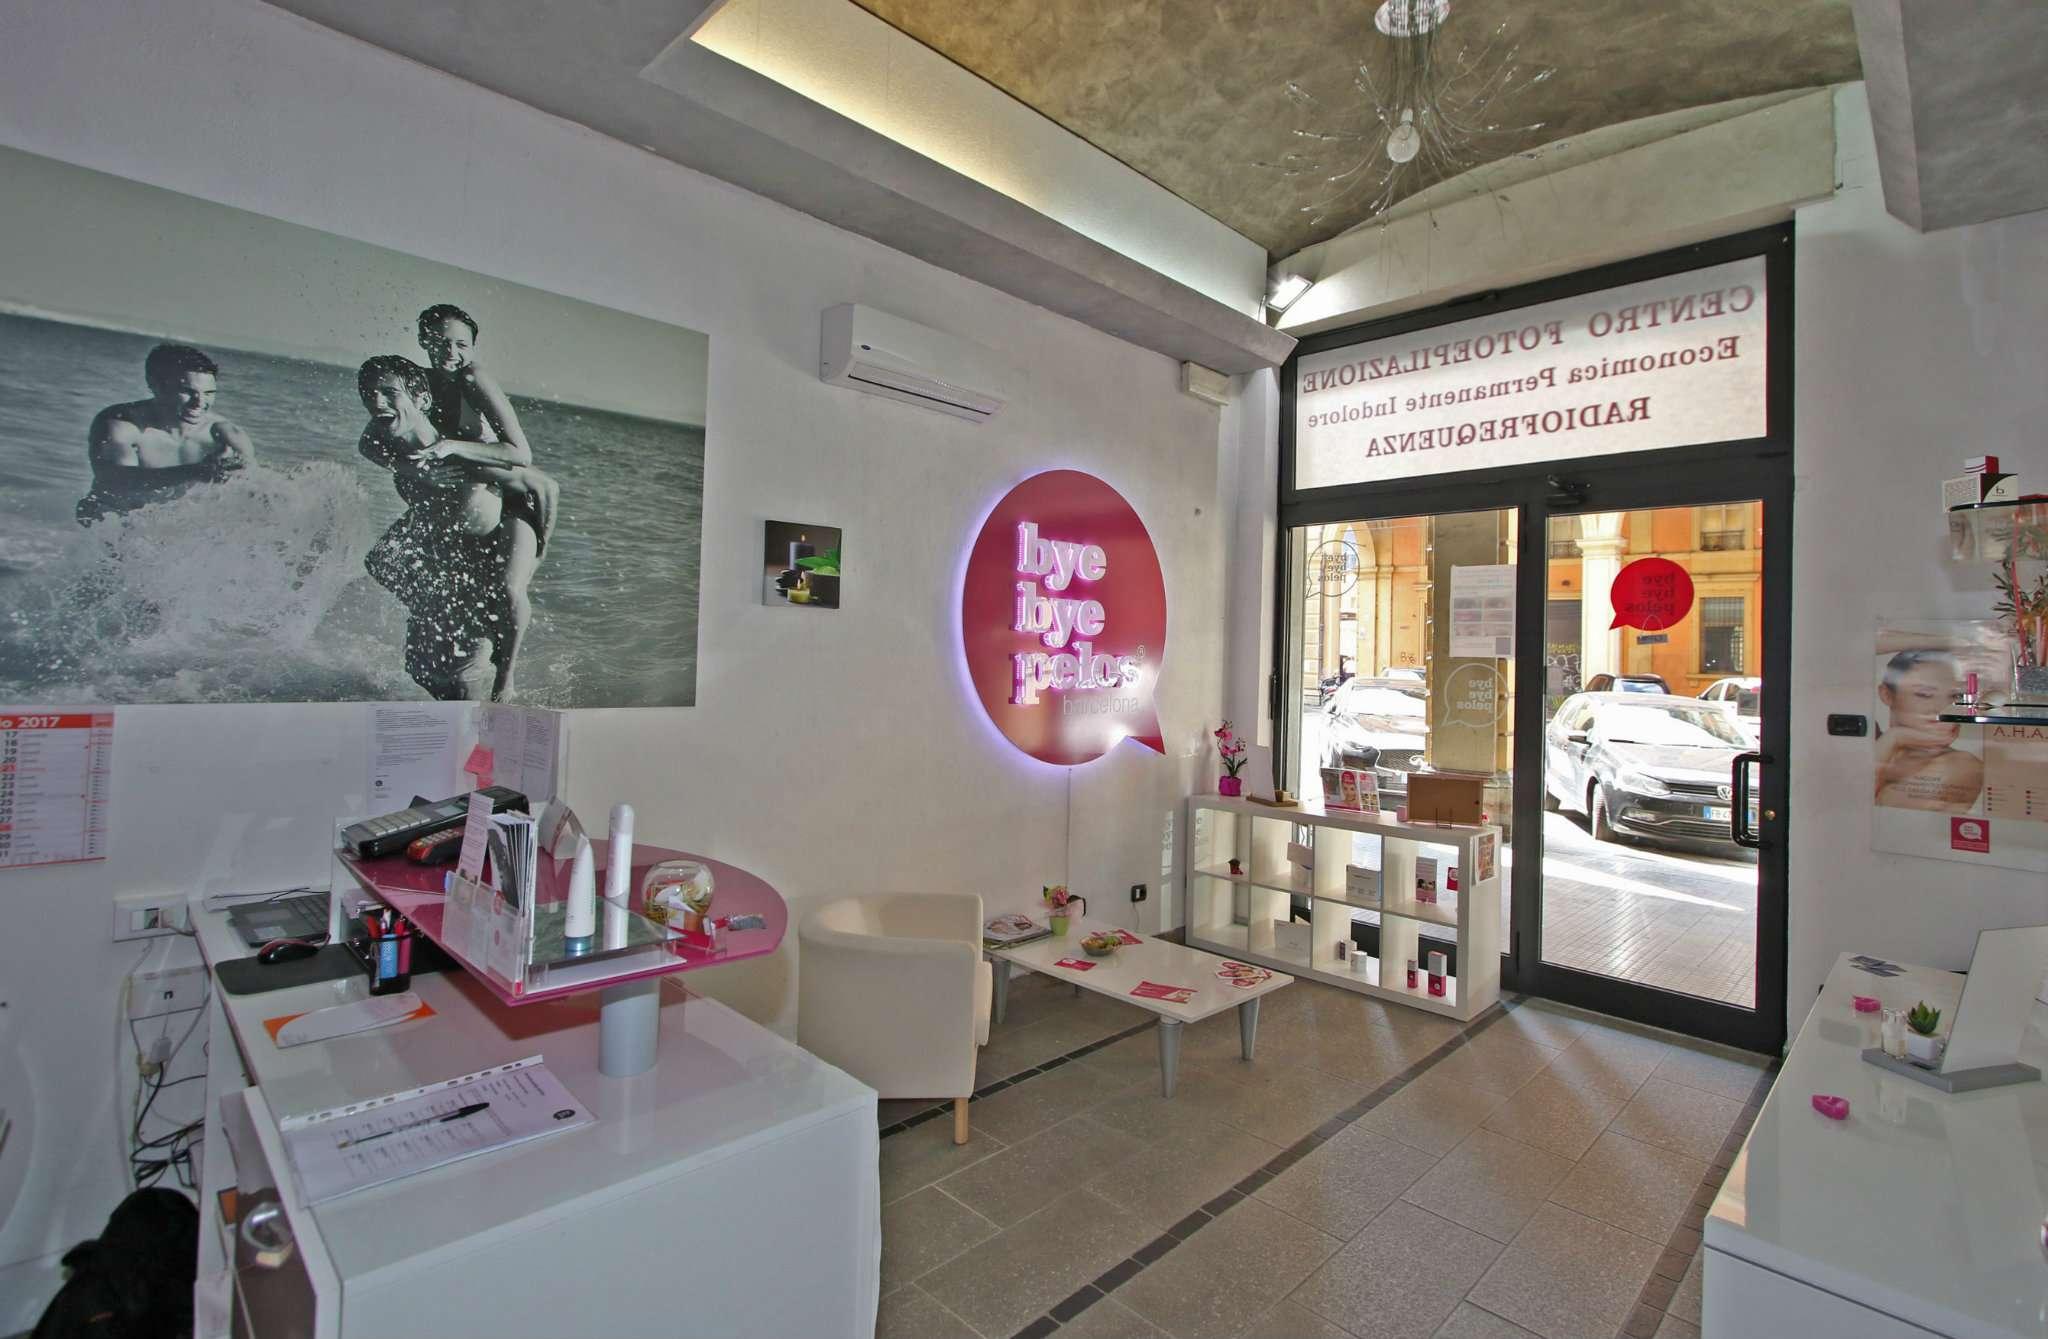 Negozio / Locale in affitto a Bologna, 3 locali, zona Zona: 14 . Marconi, prezzo € 1.400   Cambio Casa.it